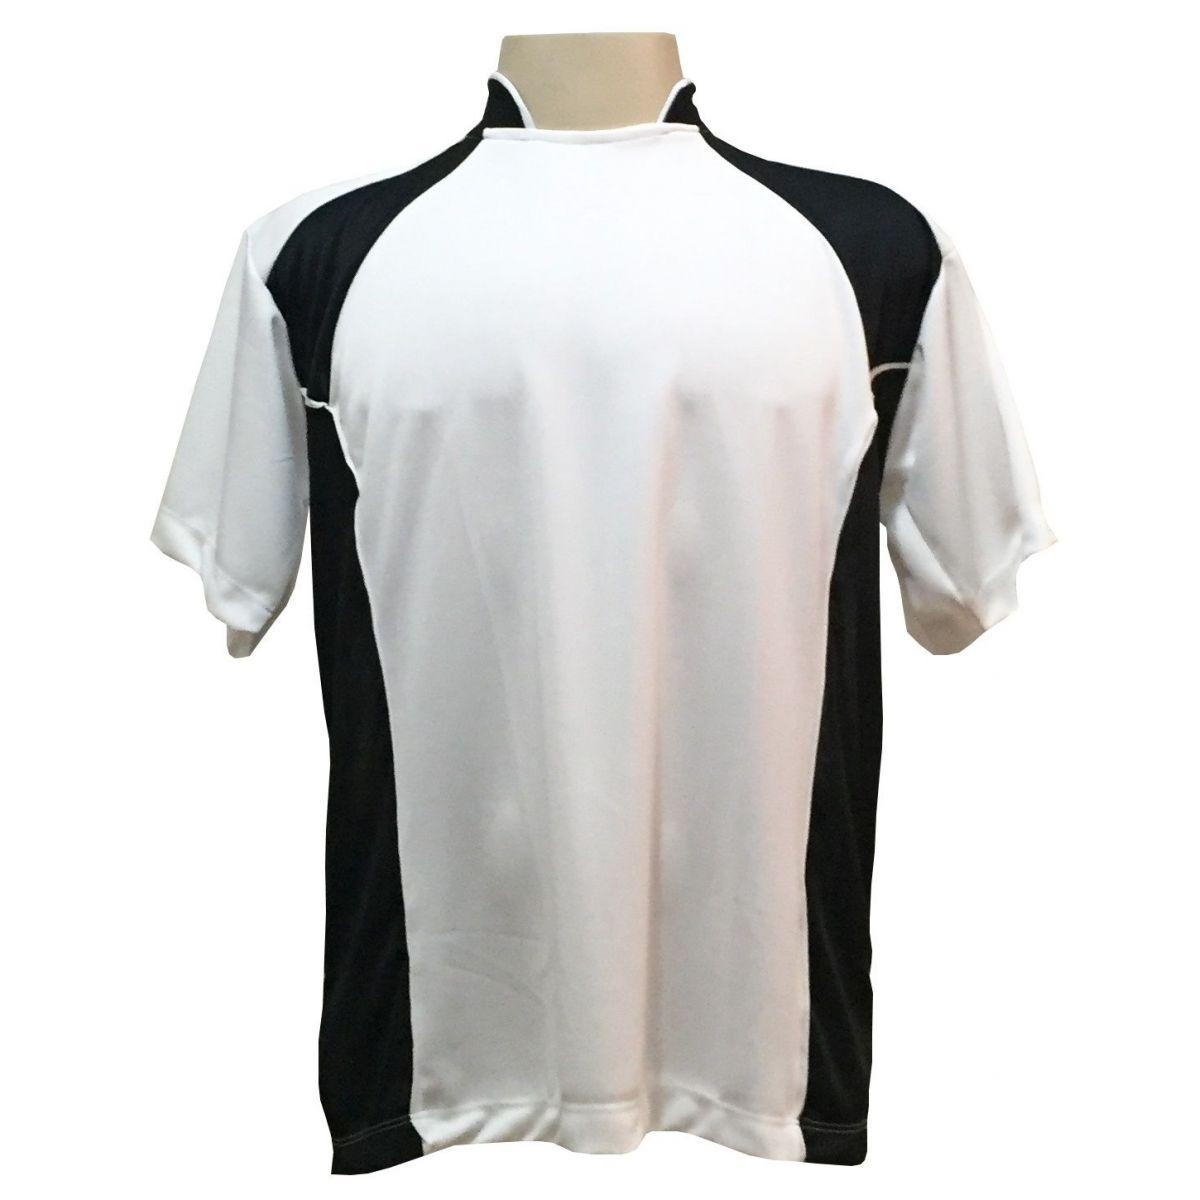 Uniforme Esportivo com 14 camisas modelo Suécia Branco/Preto + 14 calções modelo Madrid Preto + 14 pares de meiões Branco